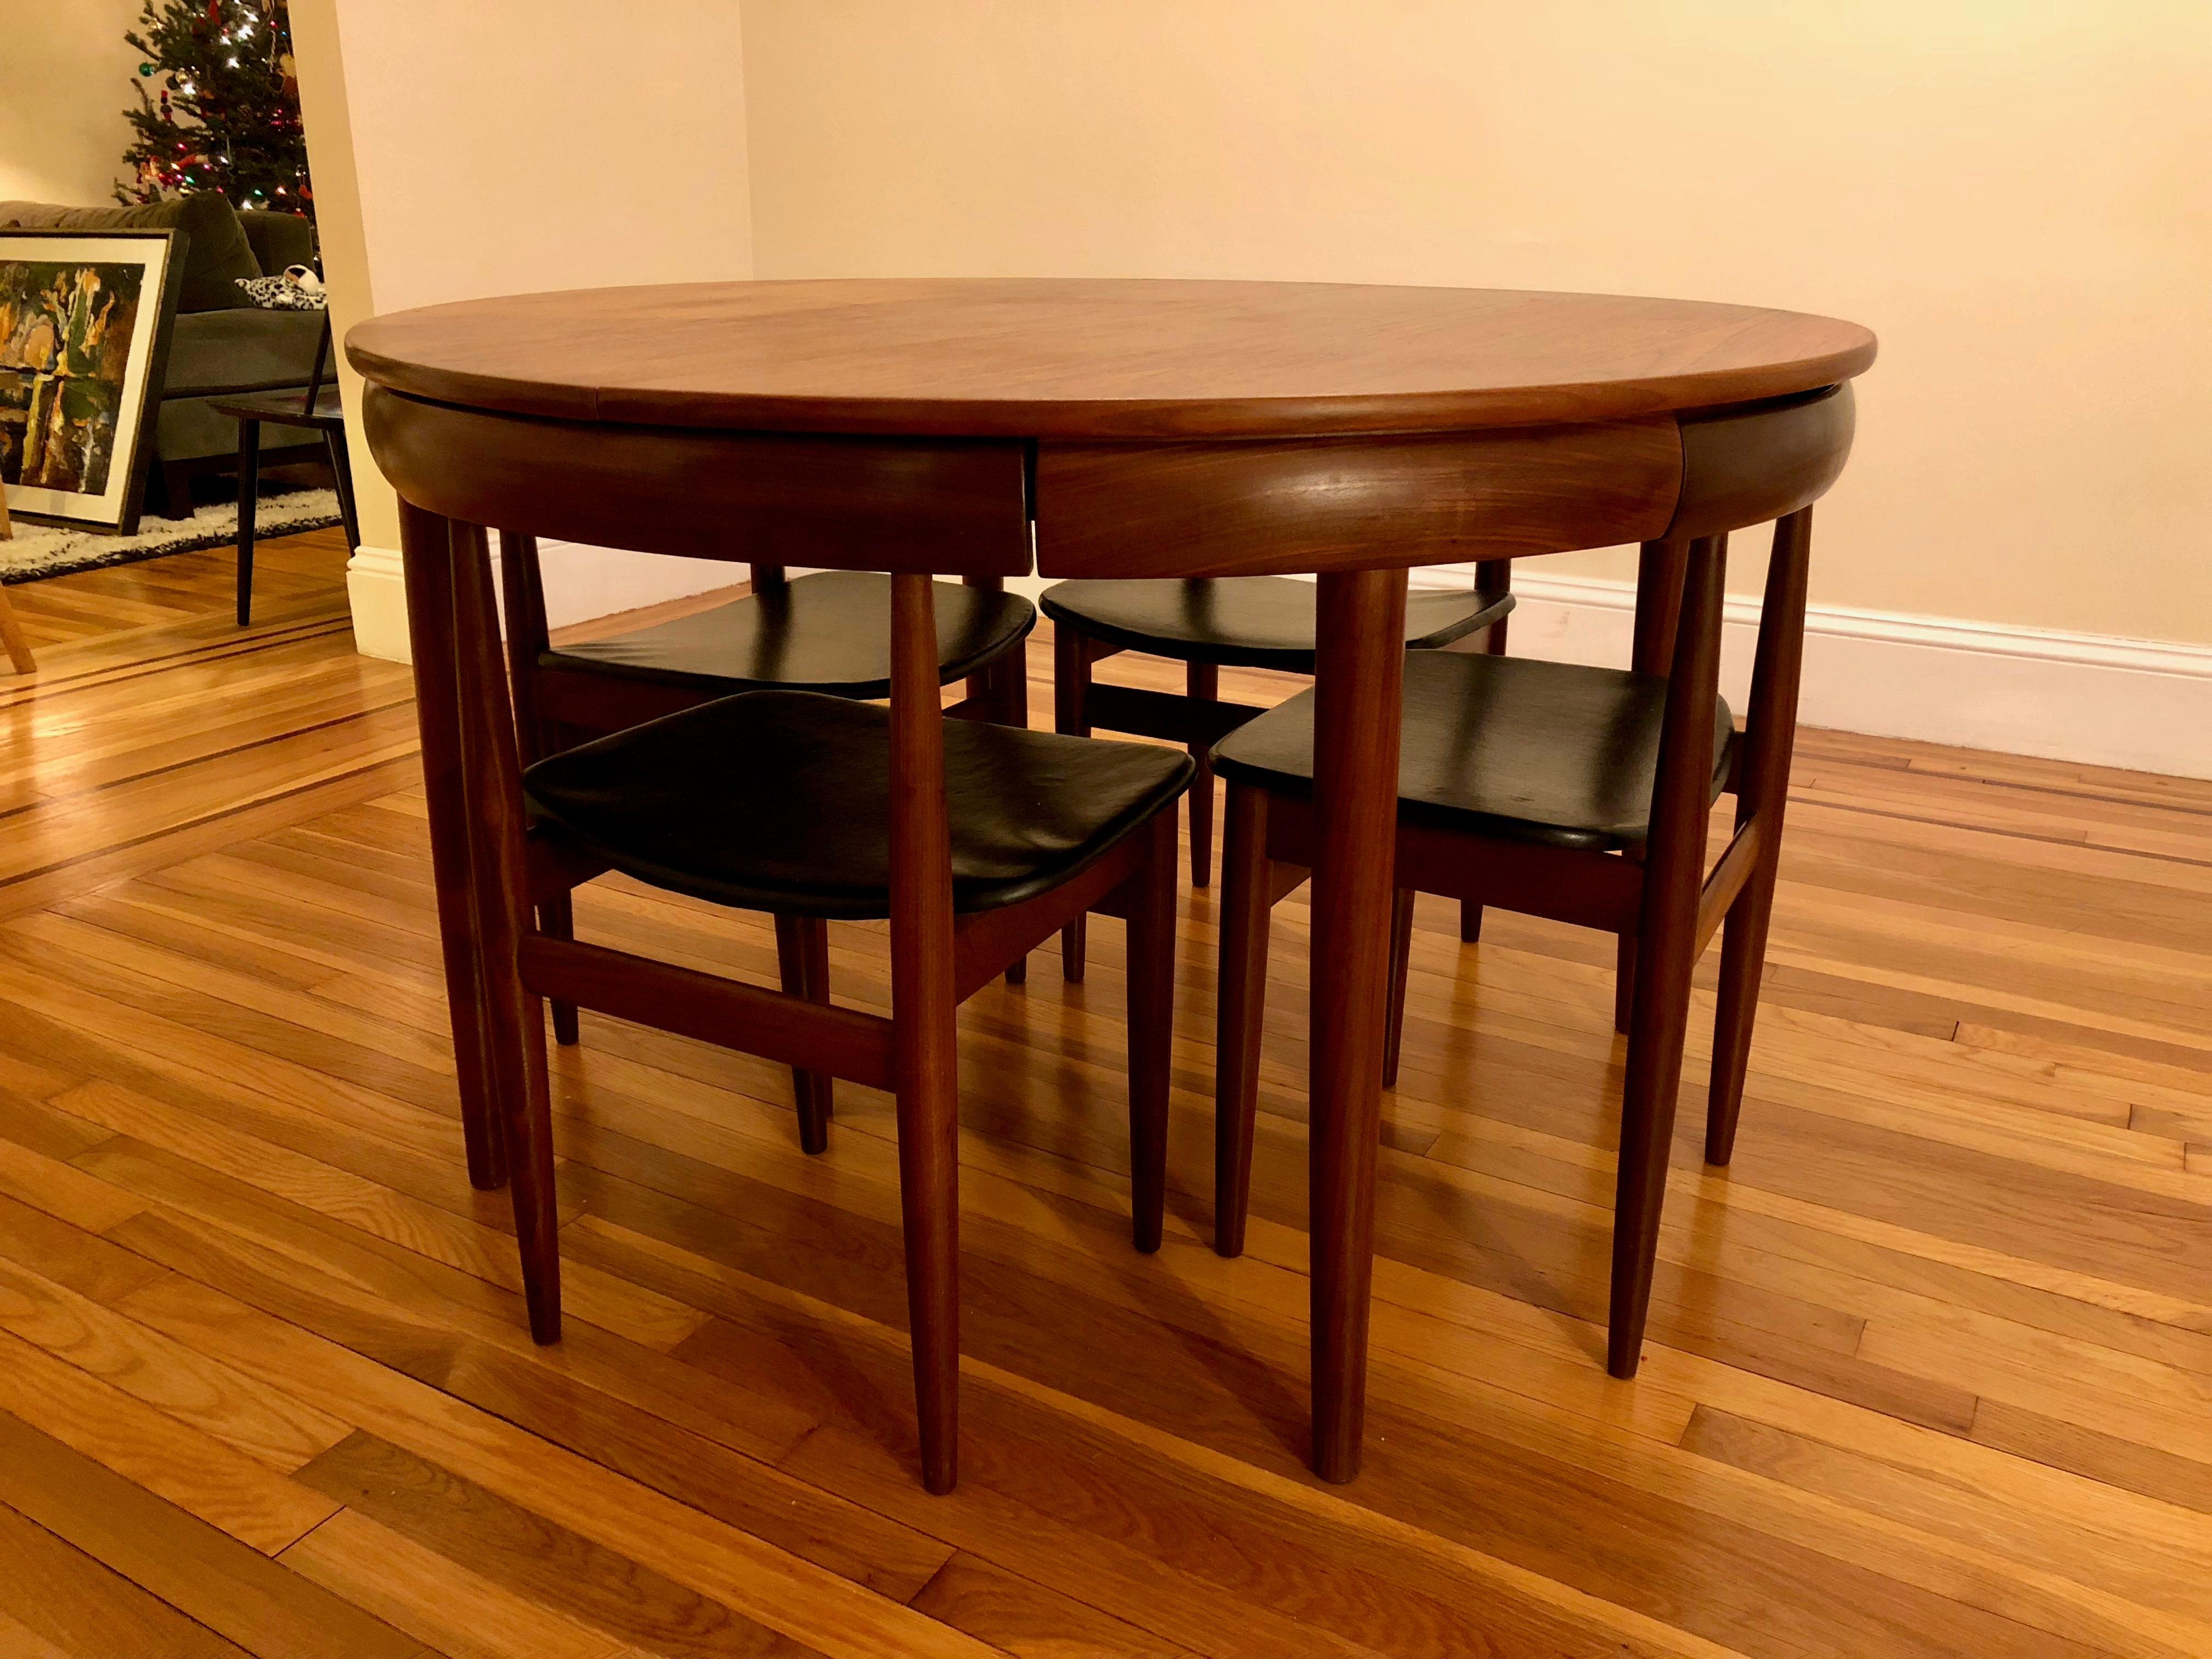 Hans Olsen For Frem Rojle 1960s Danish Modern Expandable Teak Table And  Chairs   Dining Set